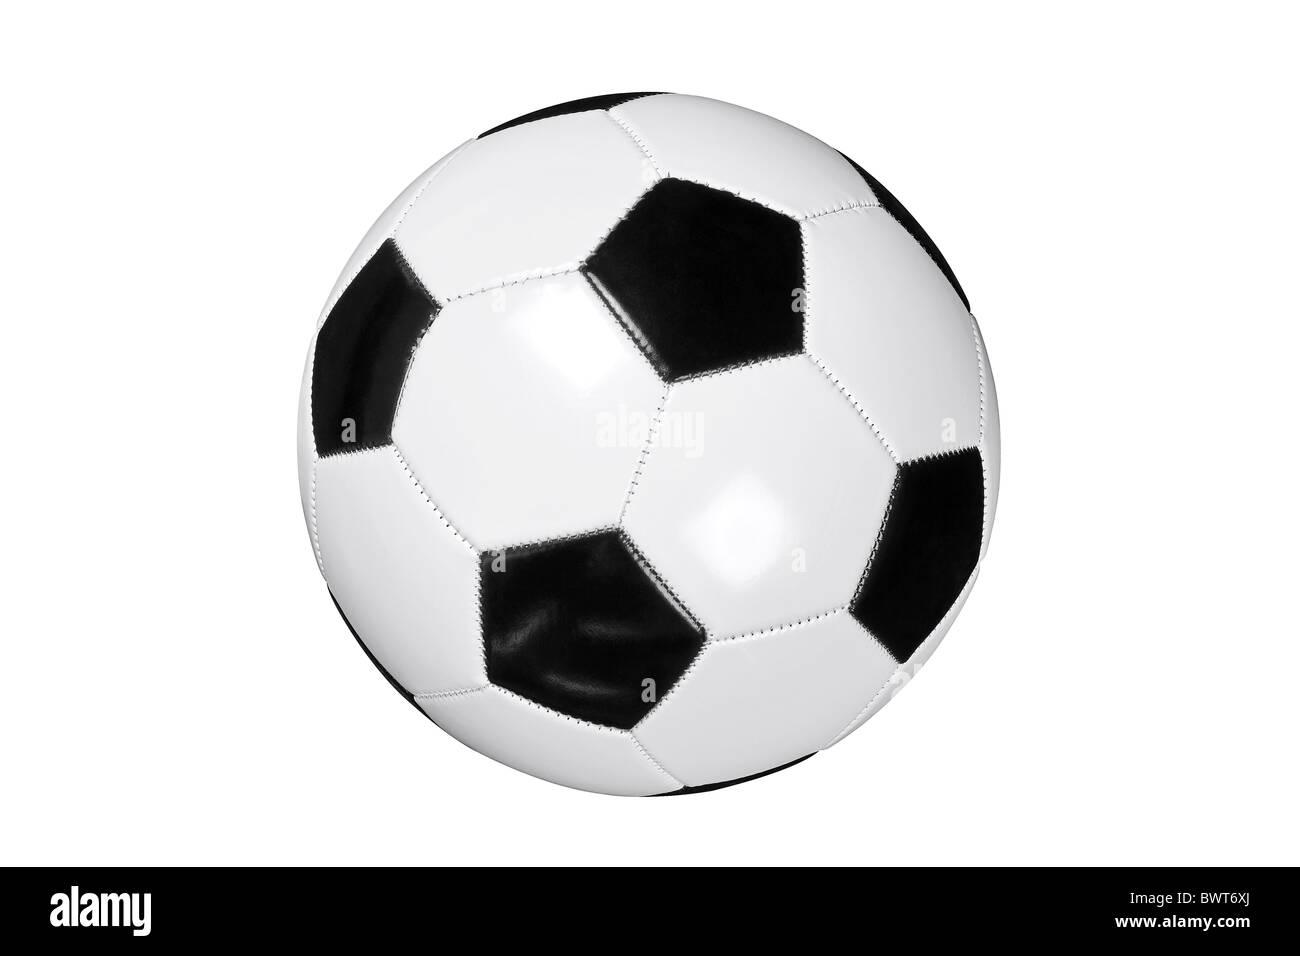 Foto di bianco e nero in pelle o di calcio pallone da calcio isolati su sfondo bianco con percorso di clipping fatto Immagini Stock